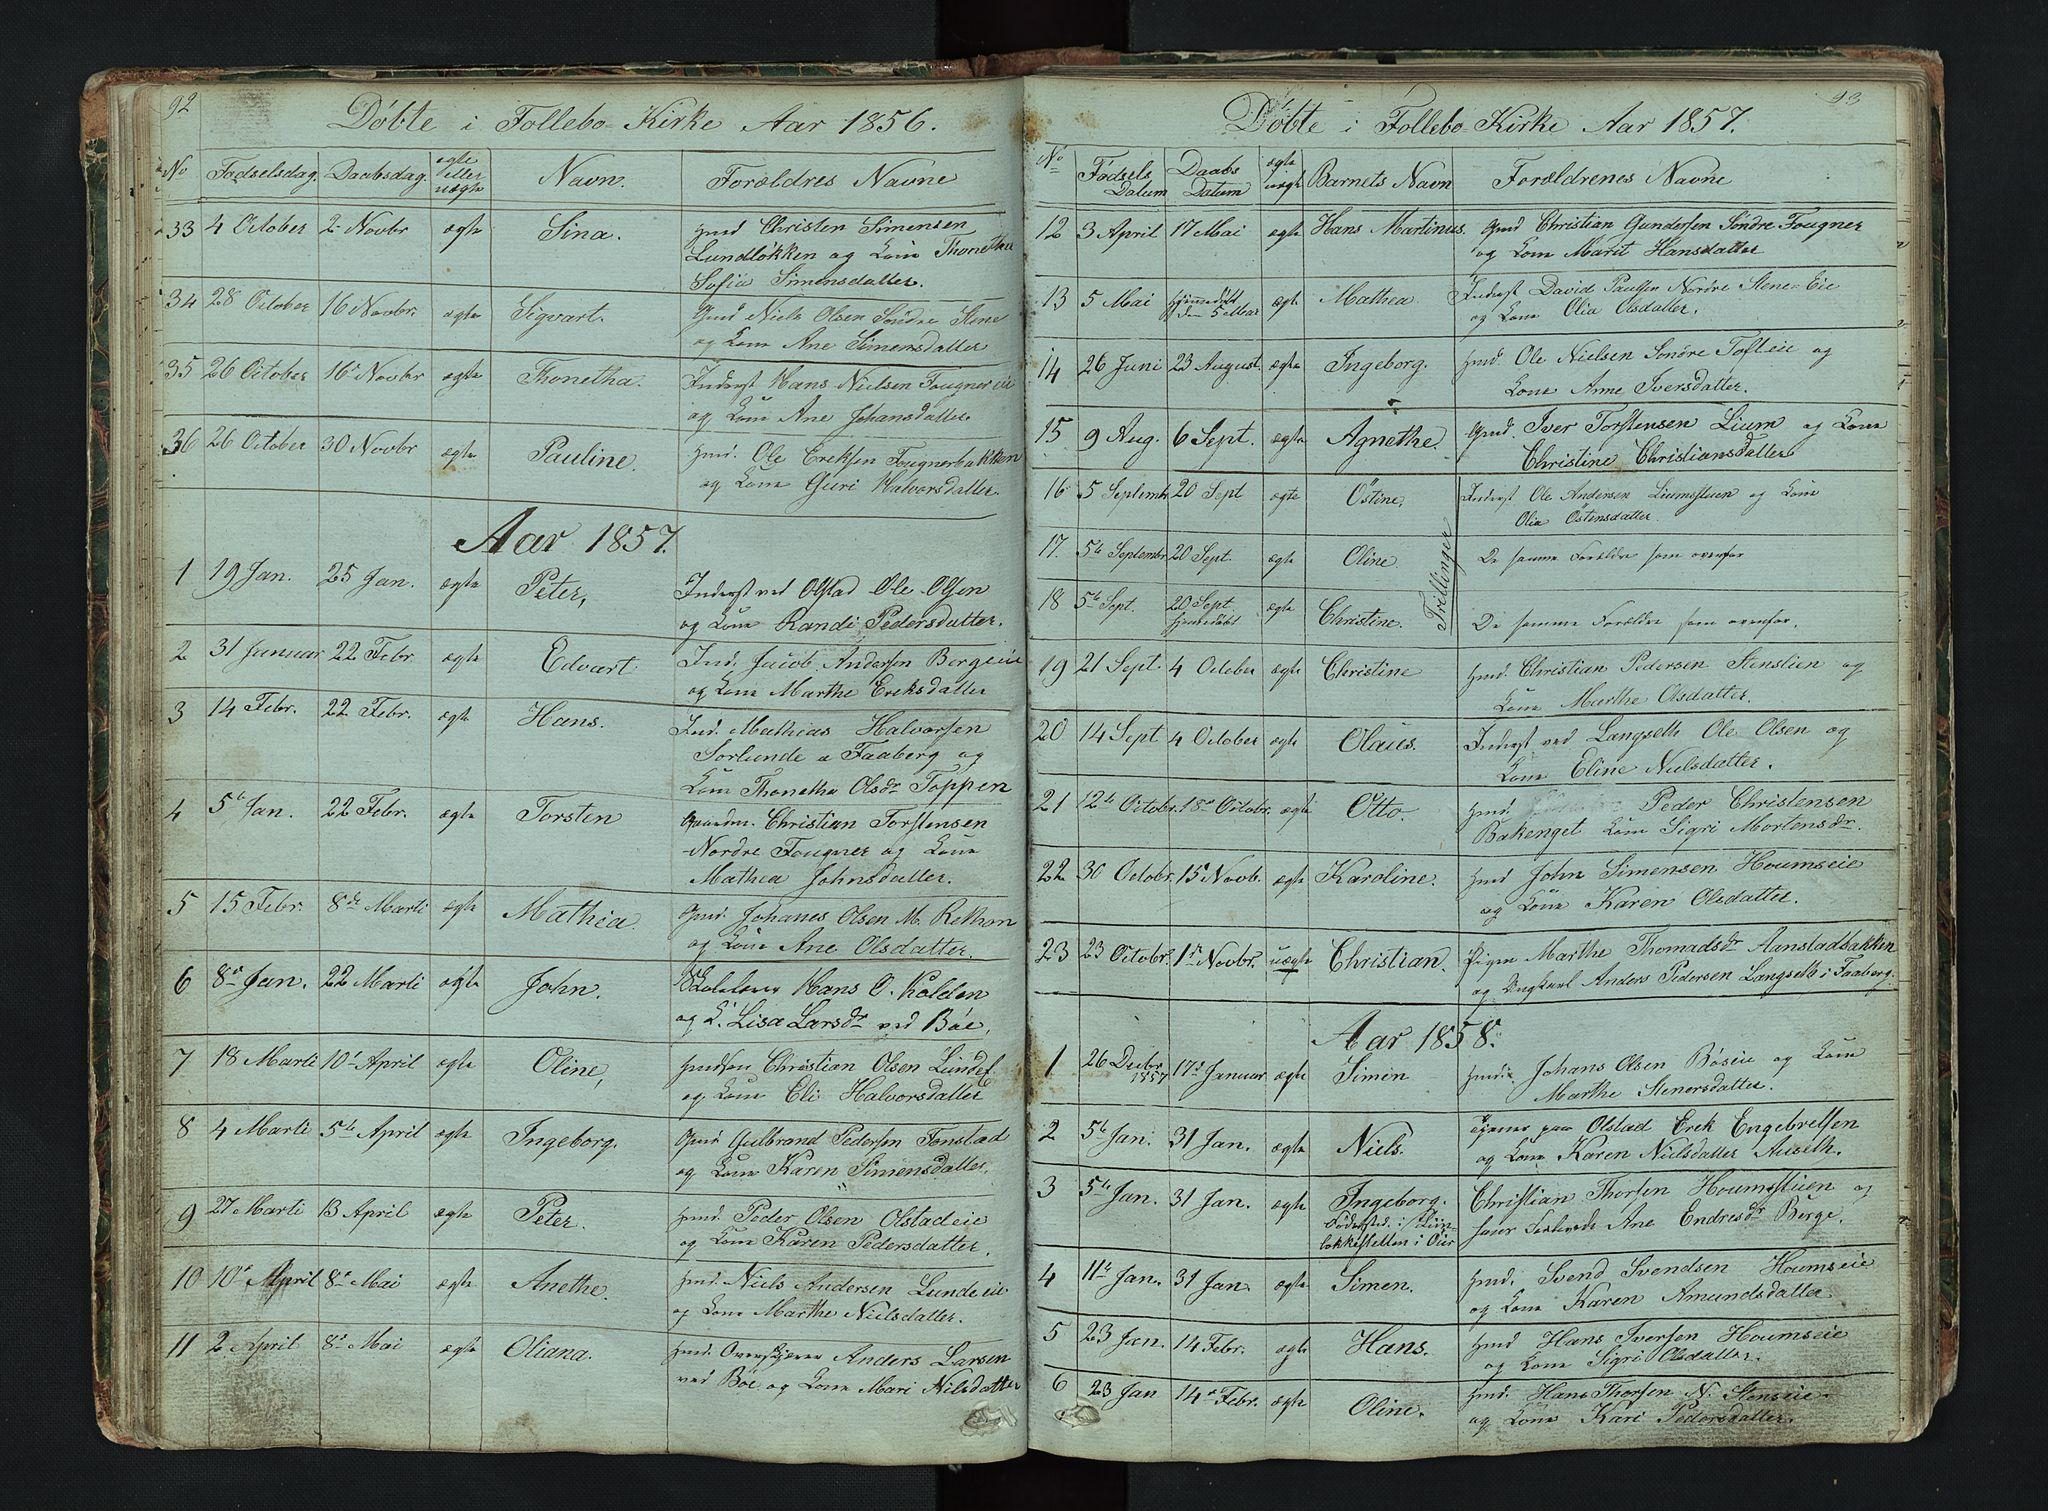 SAH, Gausdal prestekontor, Klokkerbok nr. 6, 1846-1893, s. 92-93